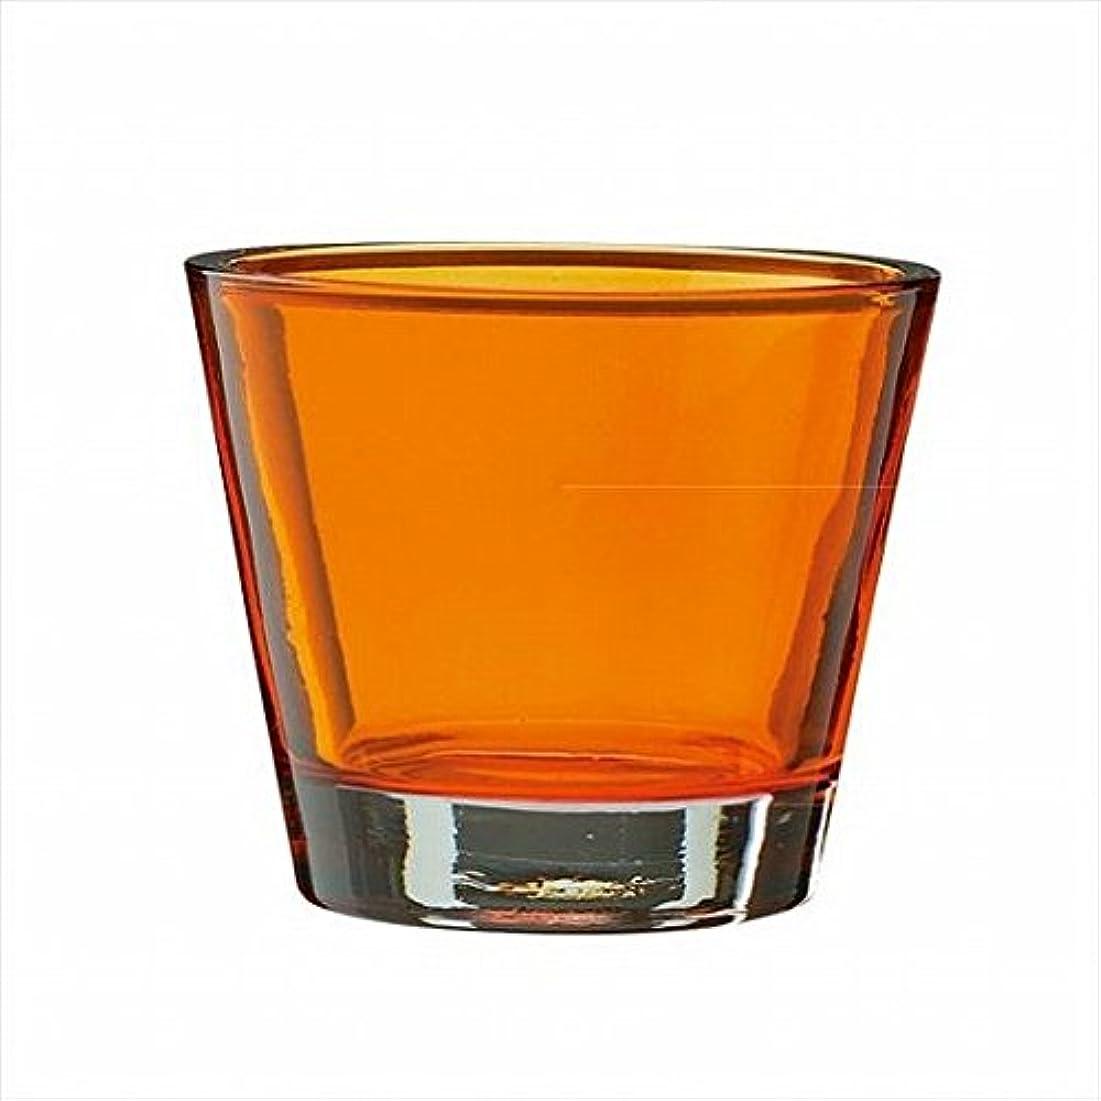 付属品ペチュランススティックkameyama candle(カメヤマキャンドル) カラリス 「 オレンジ 」 キャンドル 82x82x70mm (J2540000OR)